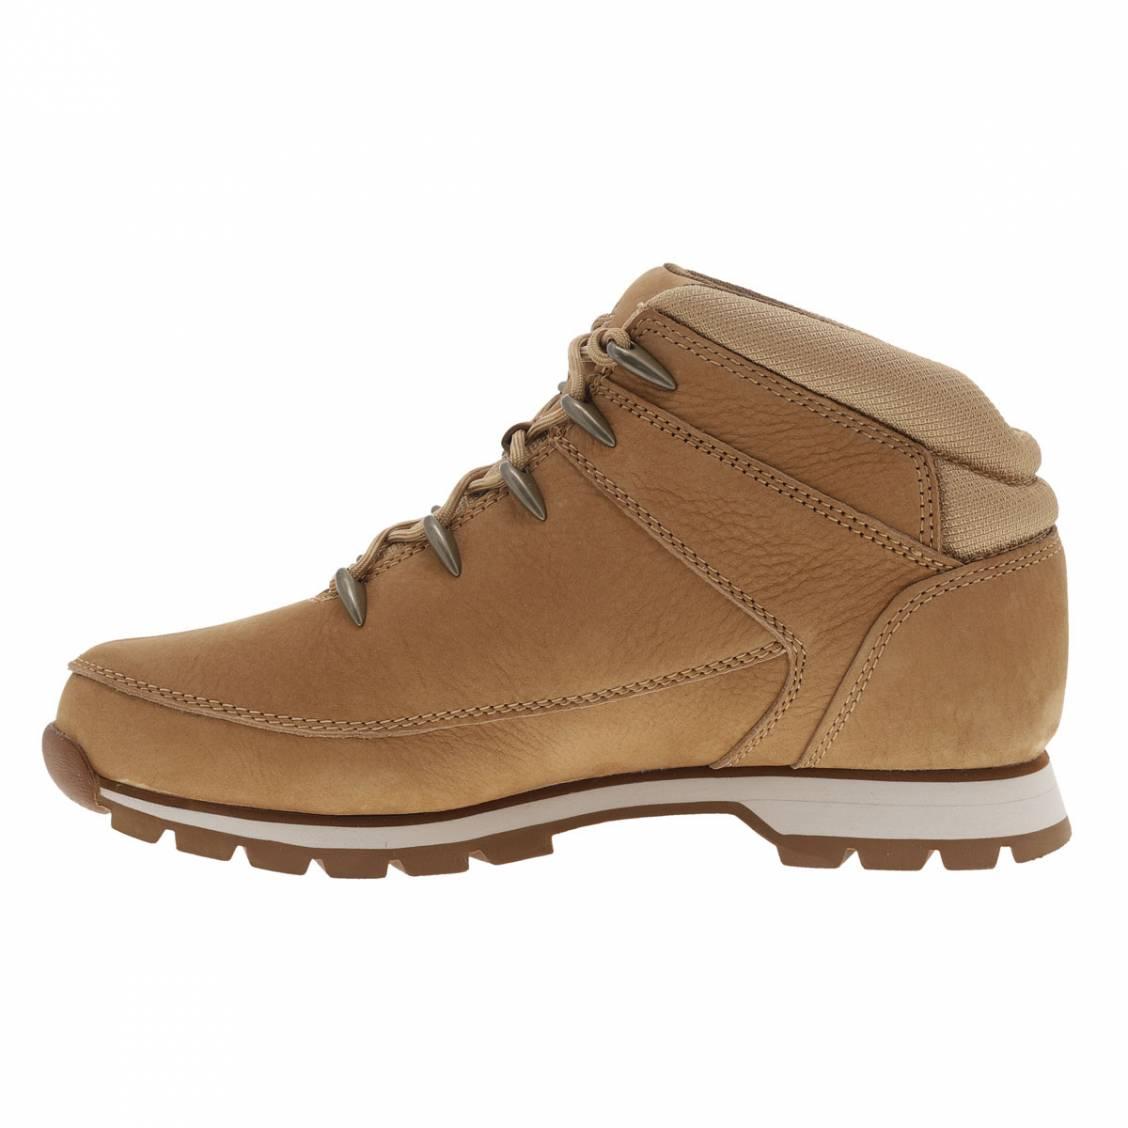 616e8598fd3 ... Boots montantes Timberlande en cuir véritable camel ...